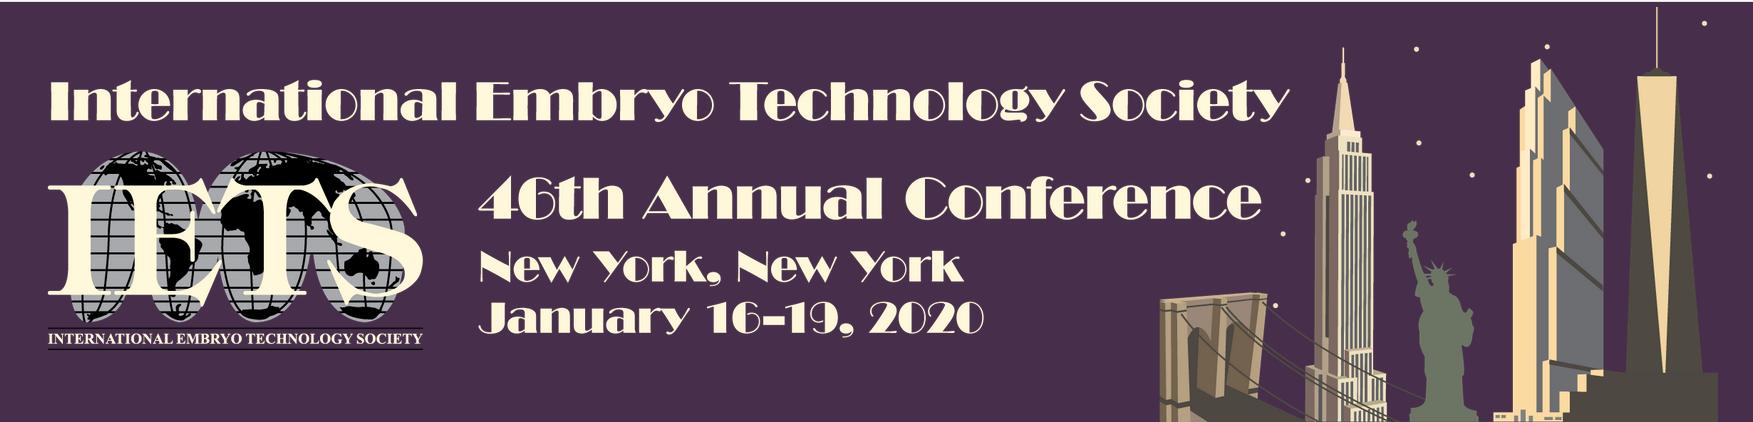 IETS Banner 2020